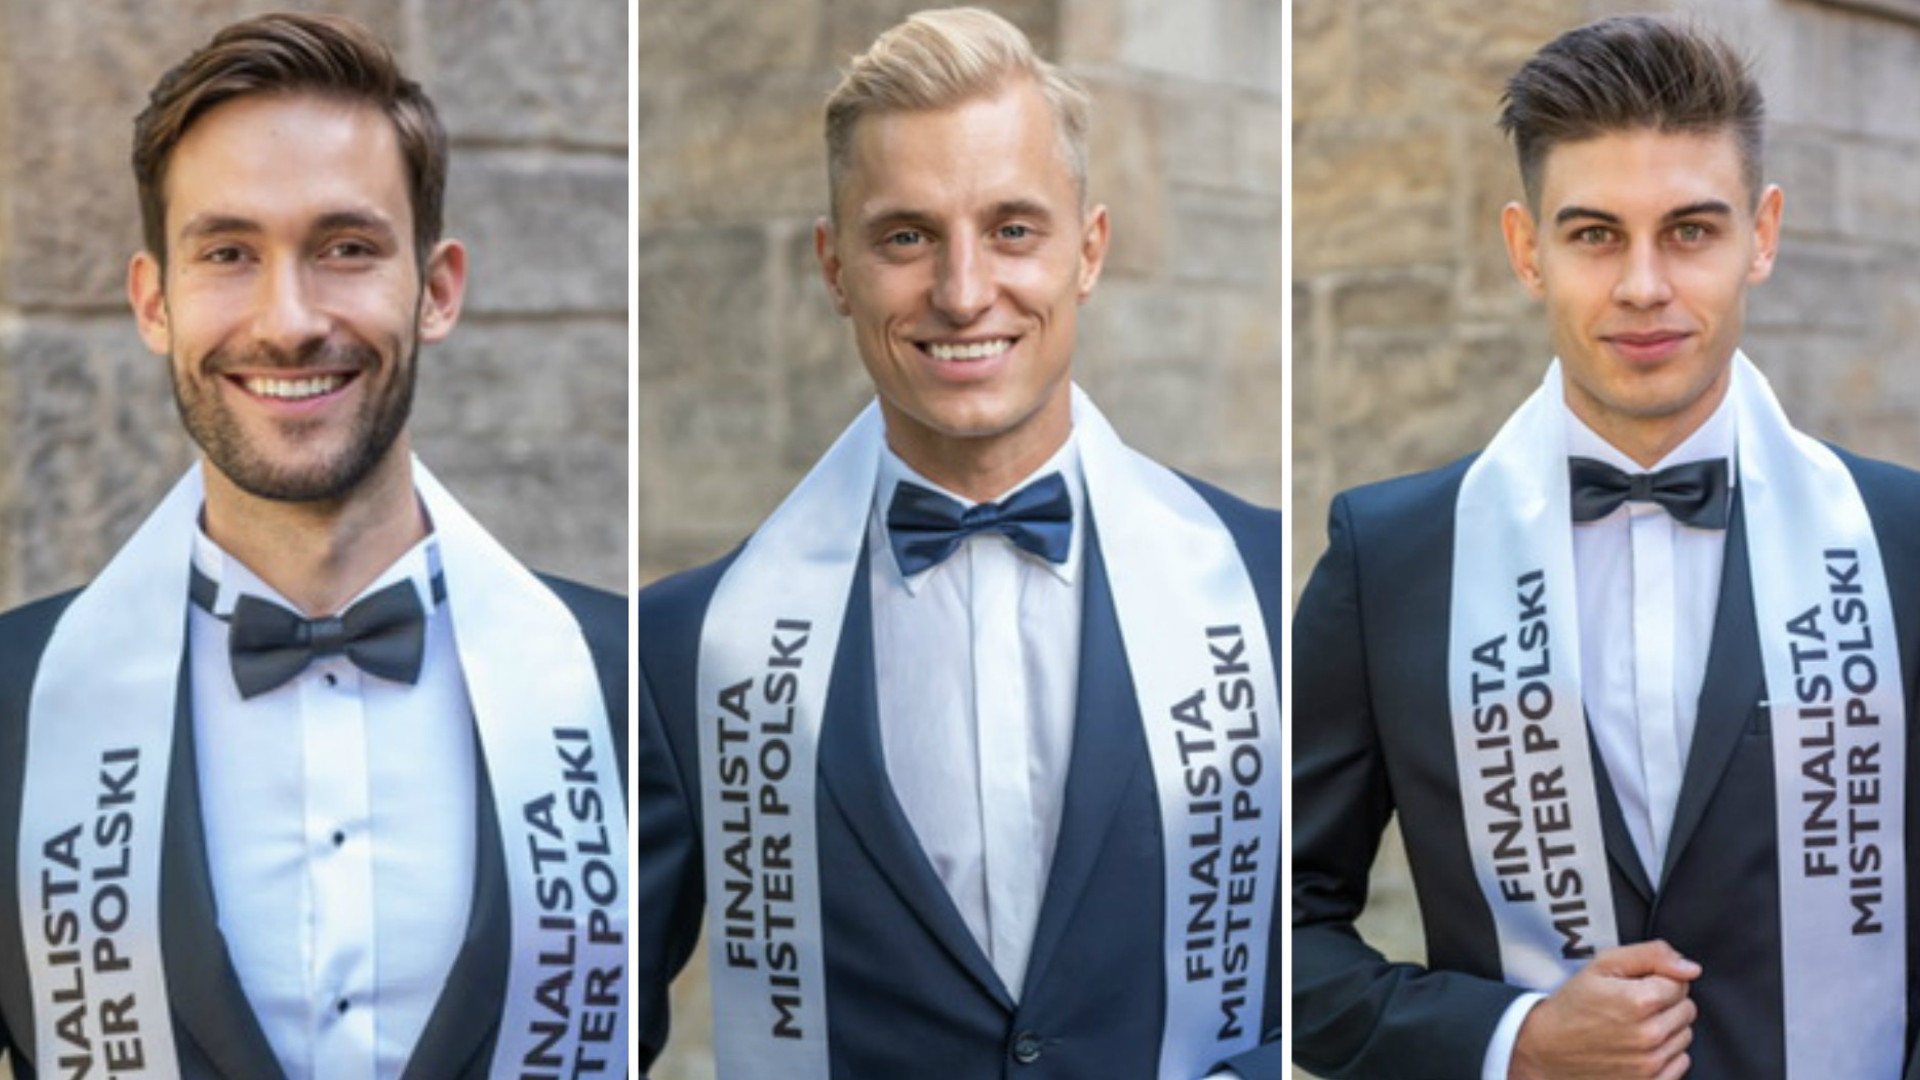 ALE CIACHA! Zobacz najprzystojniejszych kandydatów na Mistera Polski 2019